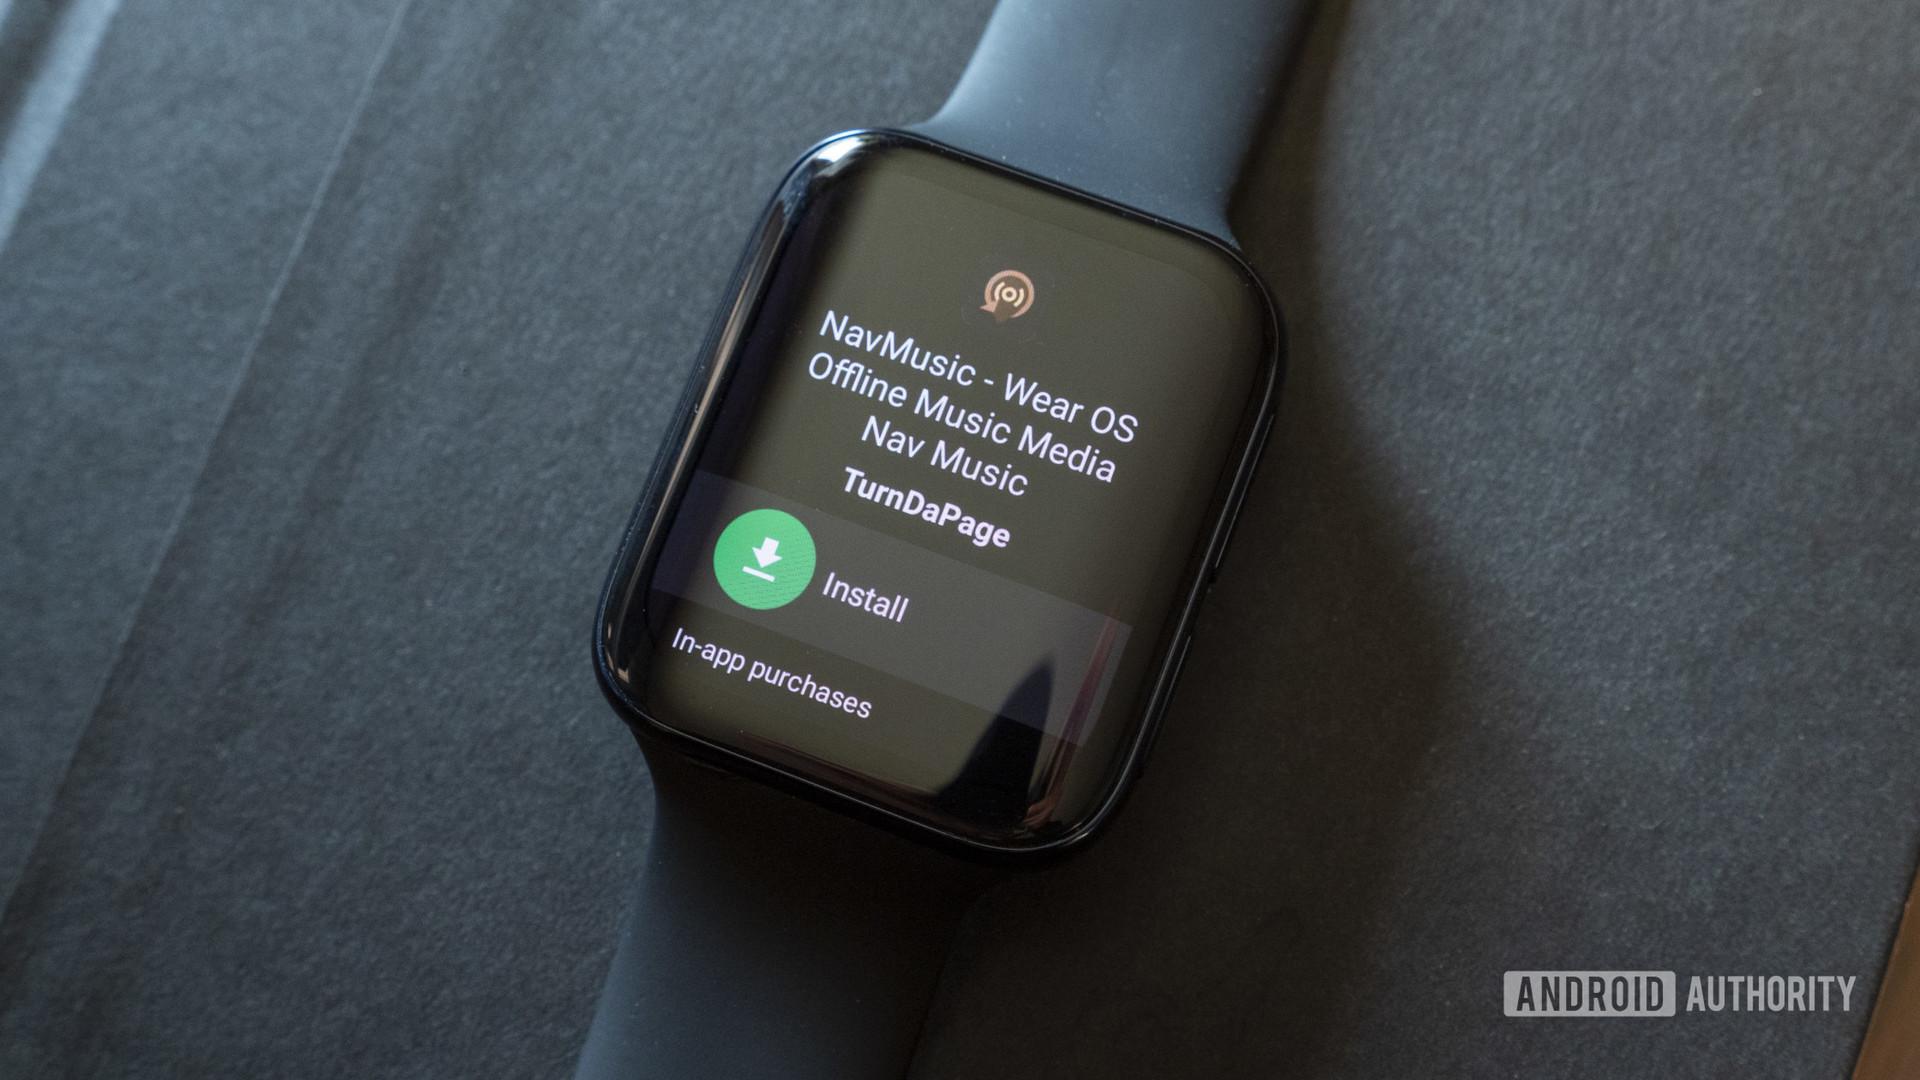 oppo watch wear os smartwatch navmusic music player